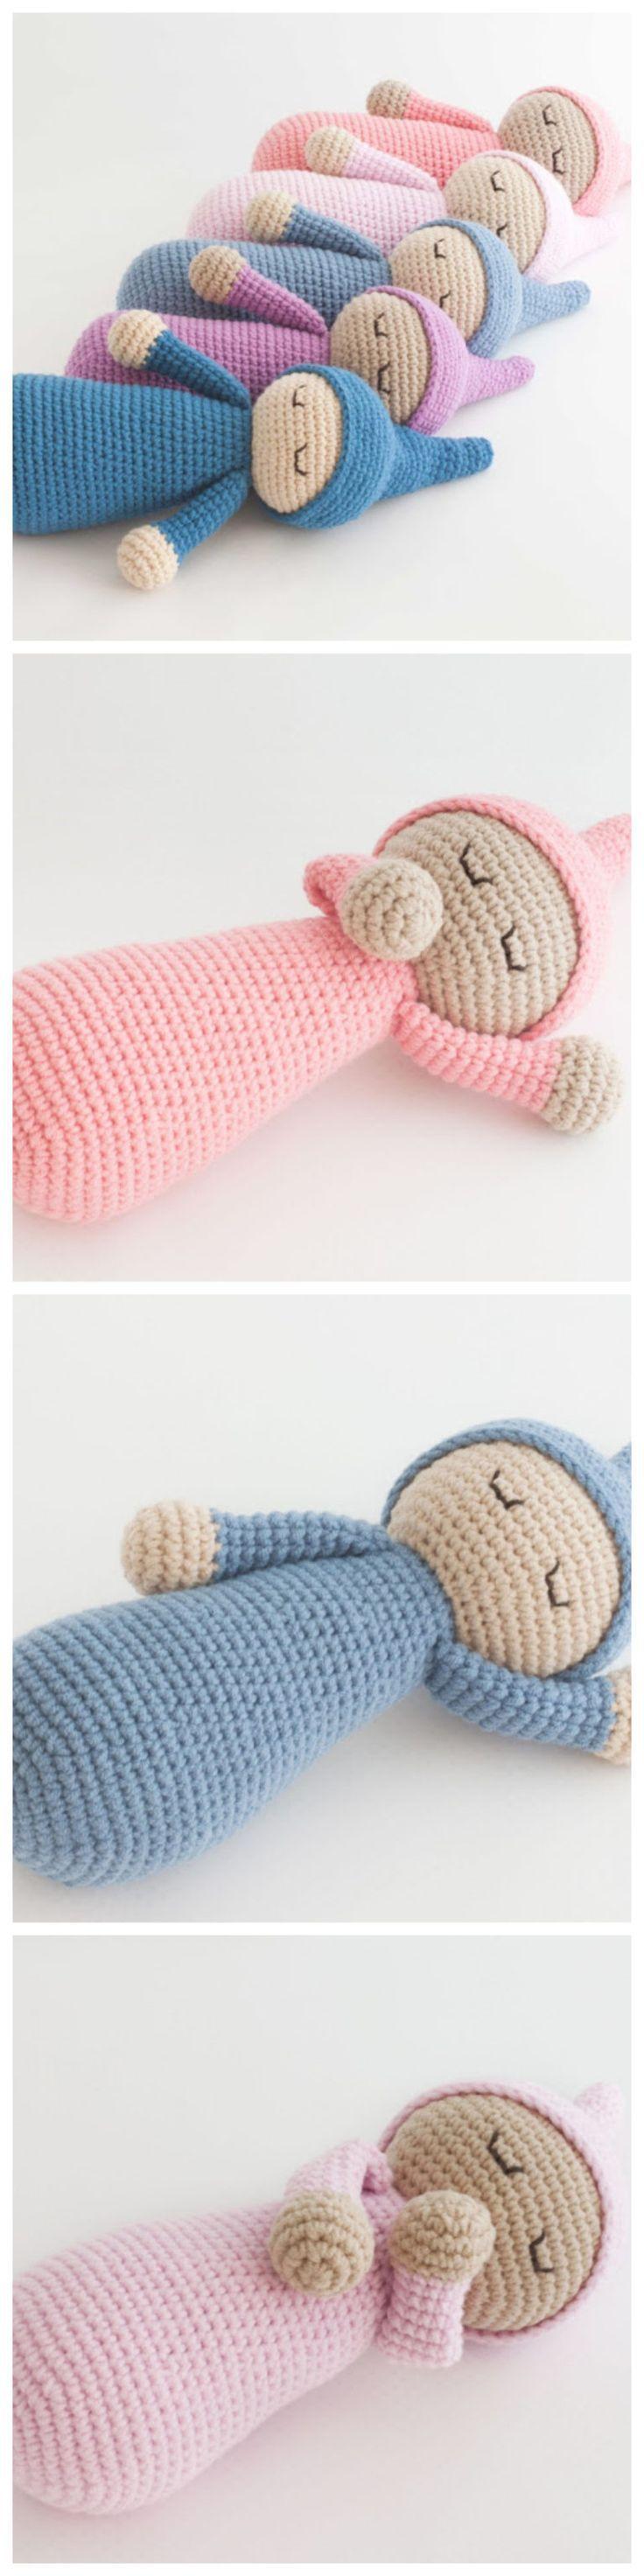 Gehäkelte Schlafmützenpuppe – kostenlose Anleitung   – Freies Muster